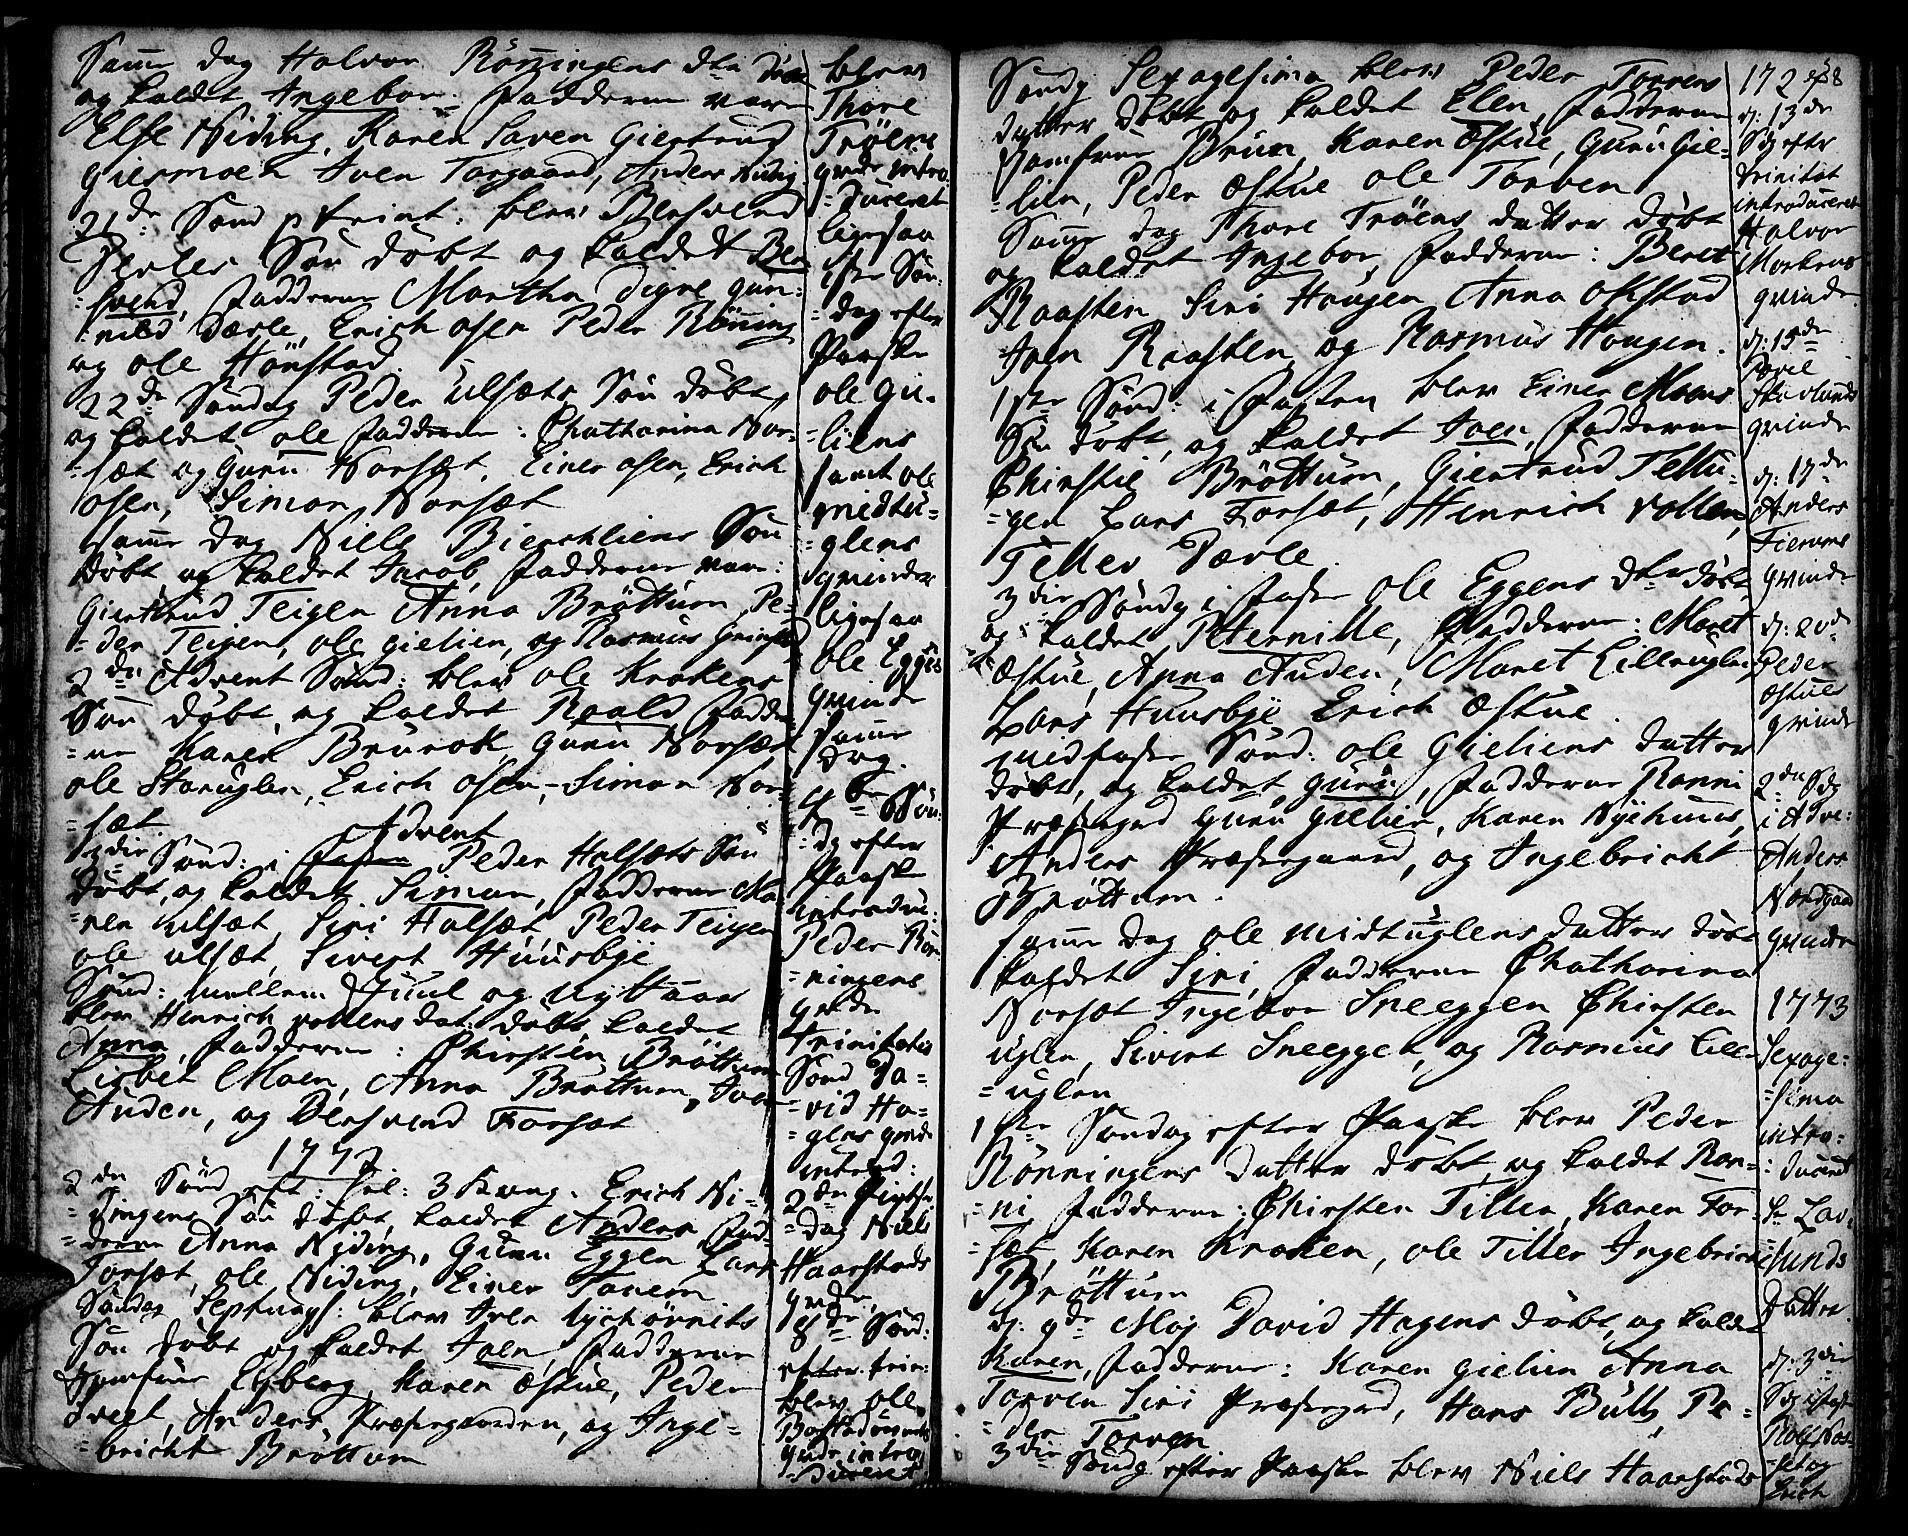 SAT, Ministerialprotokoller, klokkerbøker og fødselsregistre - Sør-Trøndelag, 618/L0437: Ministerialbok nr. 618A02, 1749-1782, s. 38